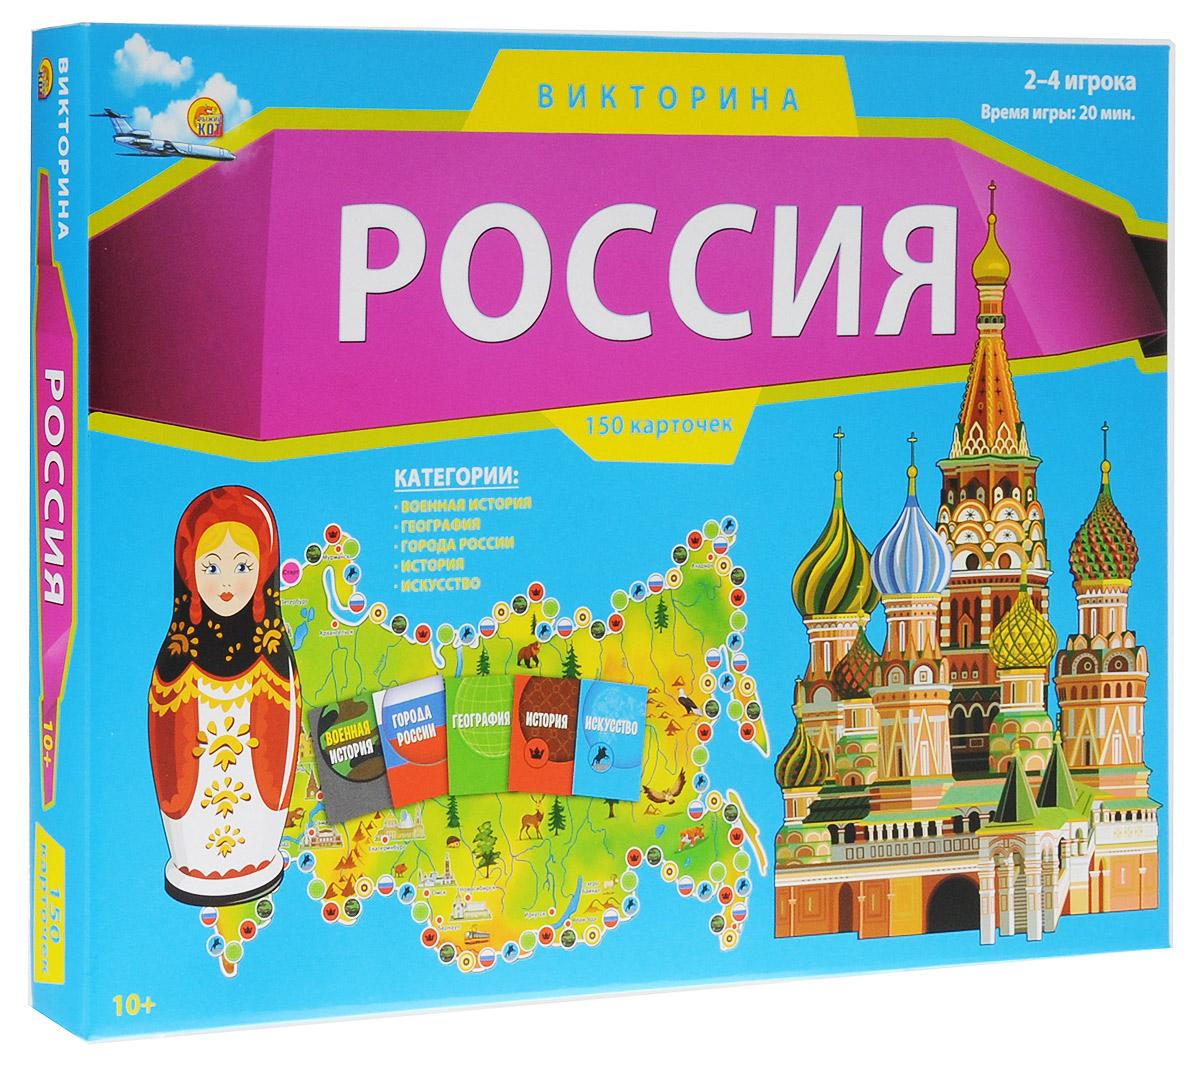 Рыжий Кот Настольная игра Викторина Россия